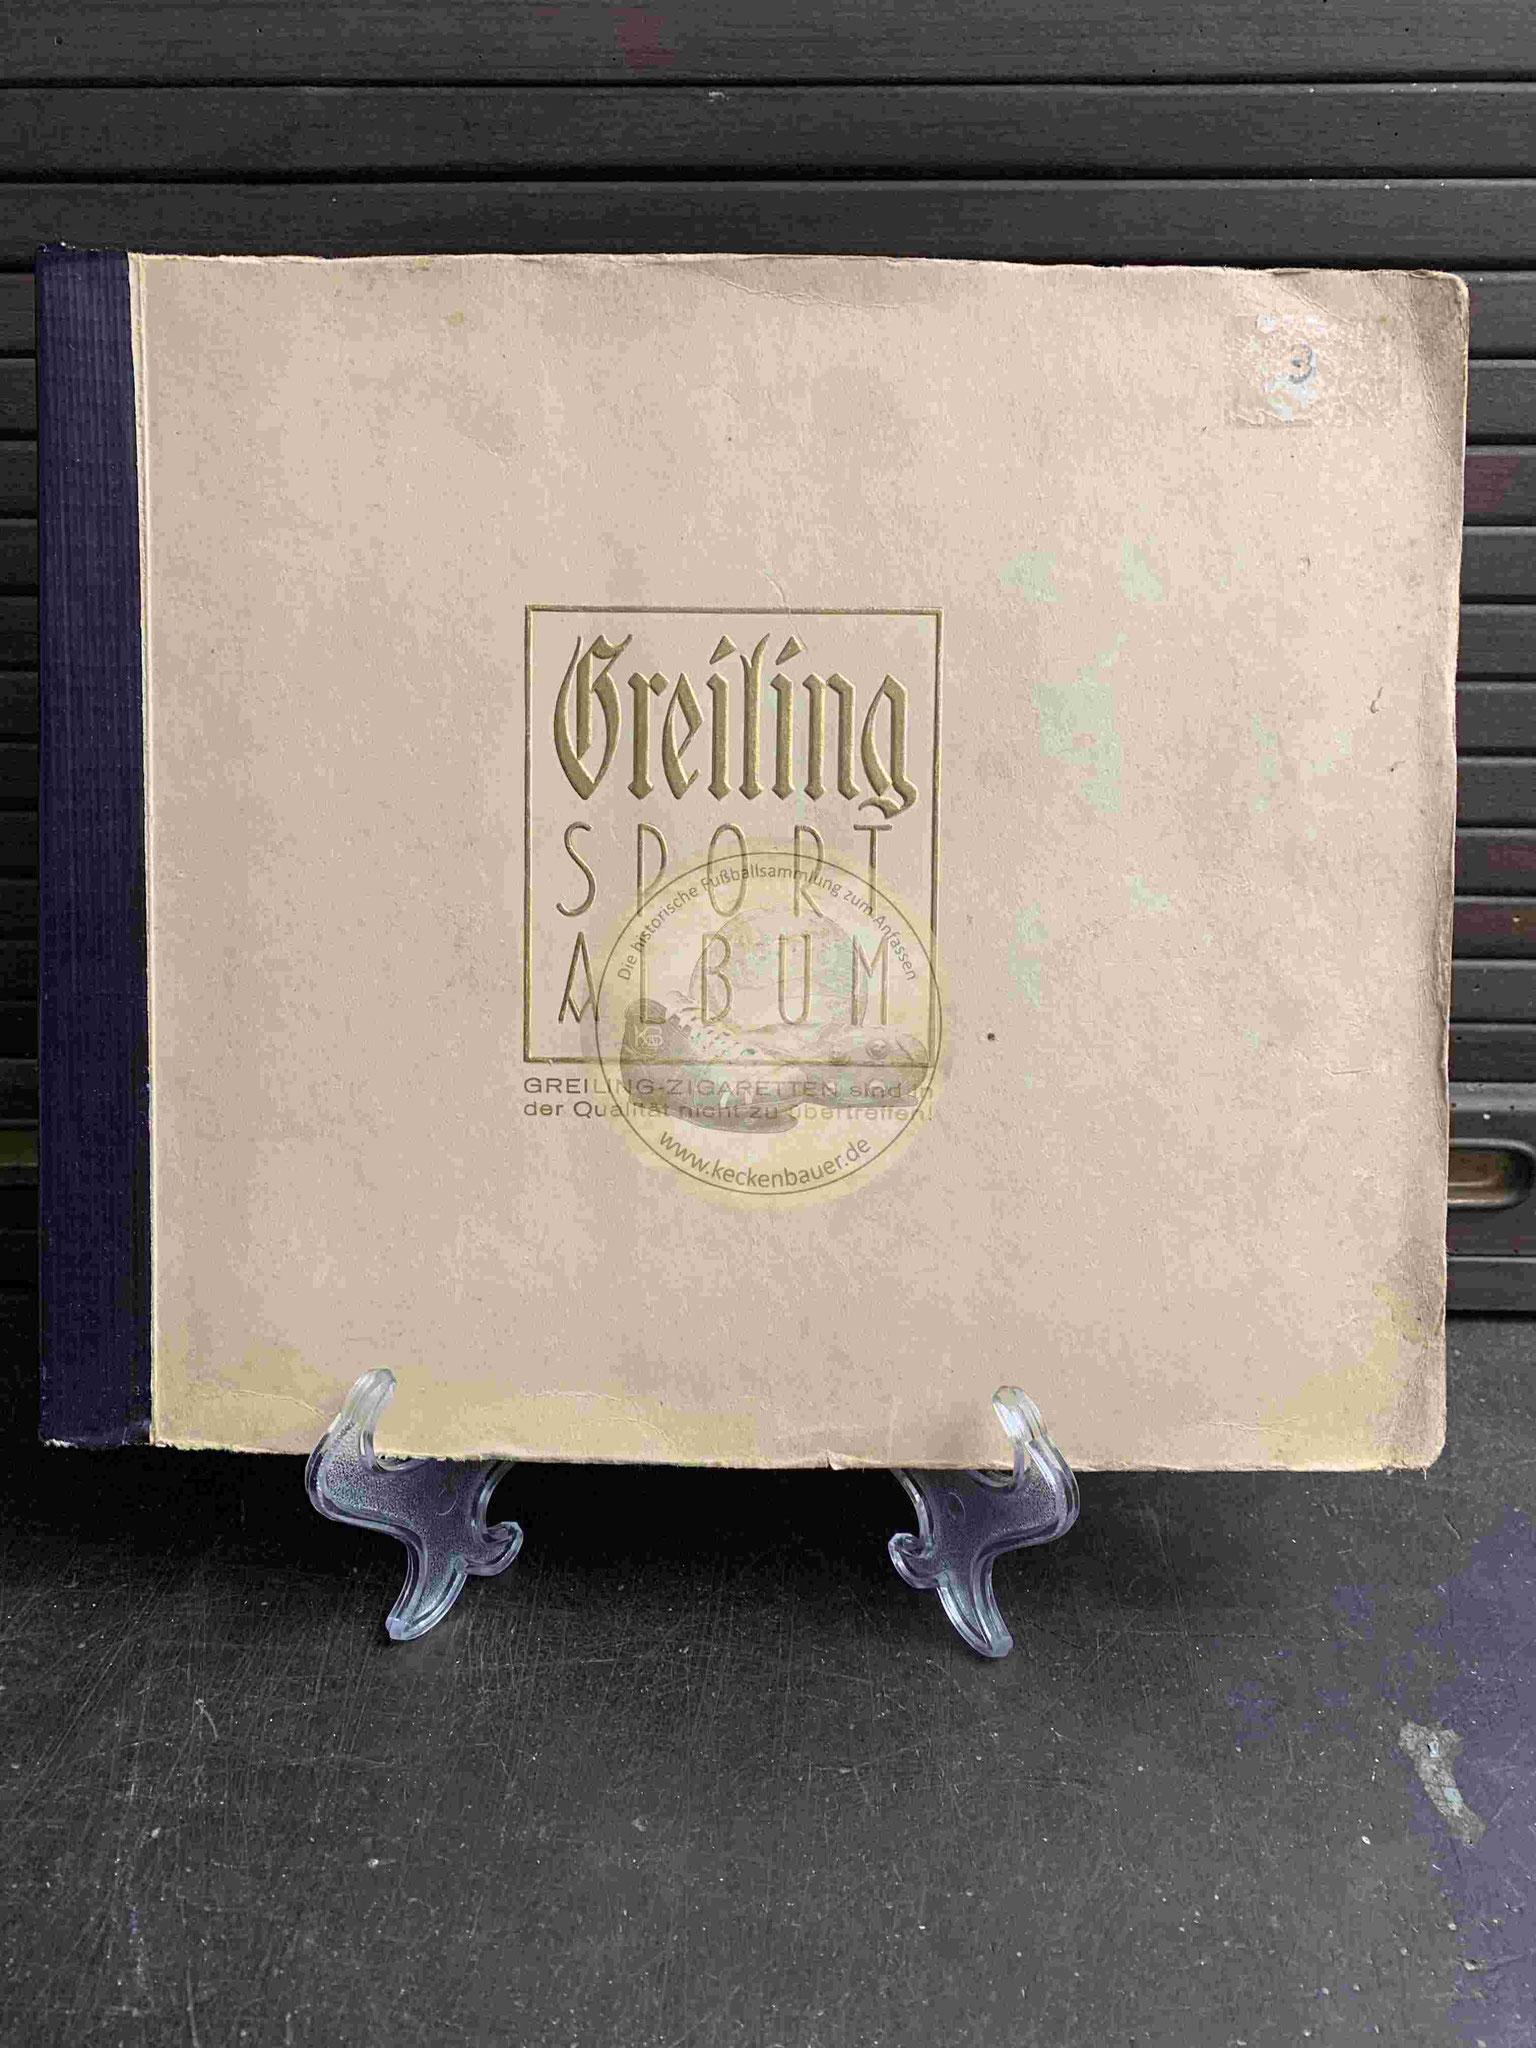 1926 Greiling Sport Album